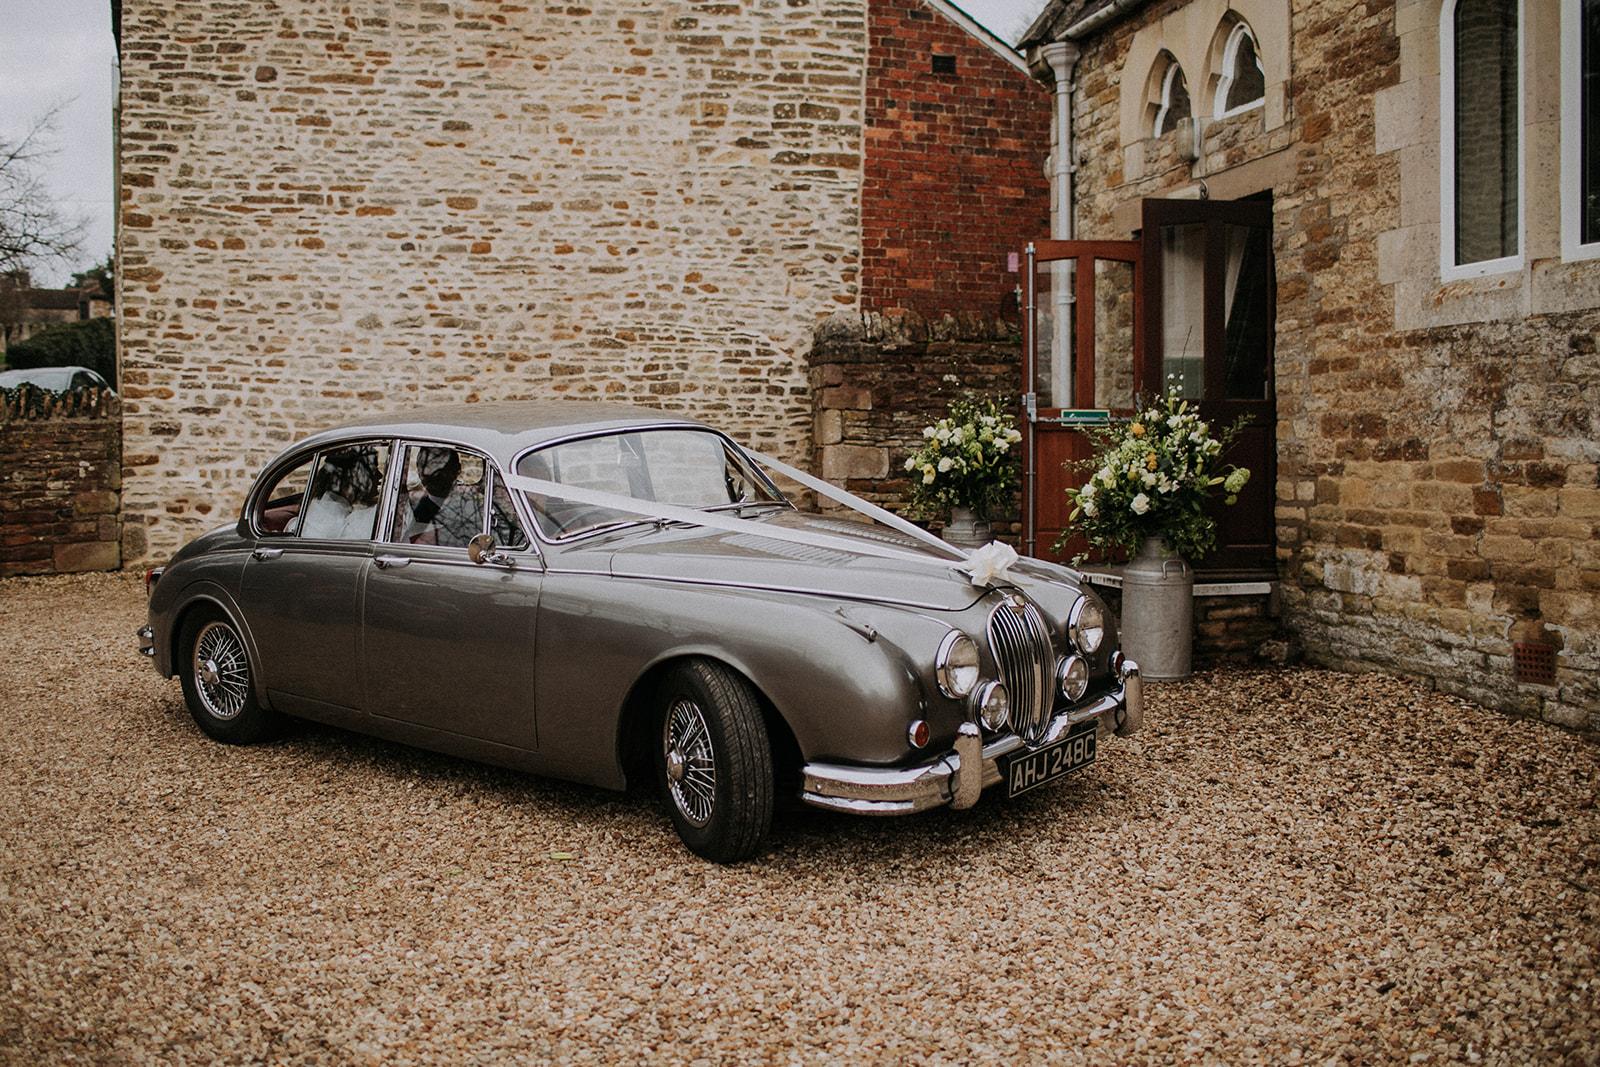 vintage wedding car - rutland wedding - fun wedding - east midlands wedding planner - Leicestershire wedding planning - nottingham wedding planner